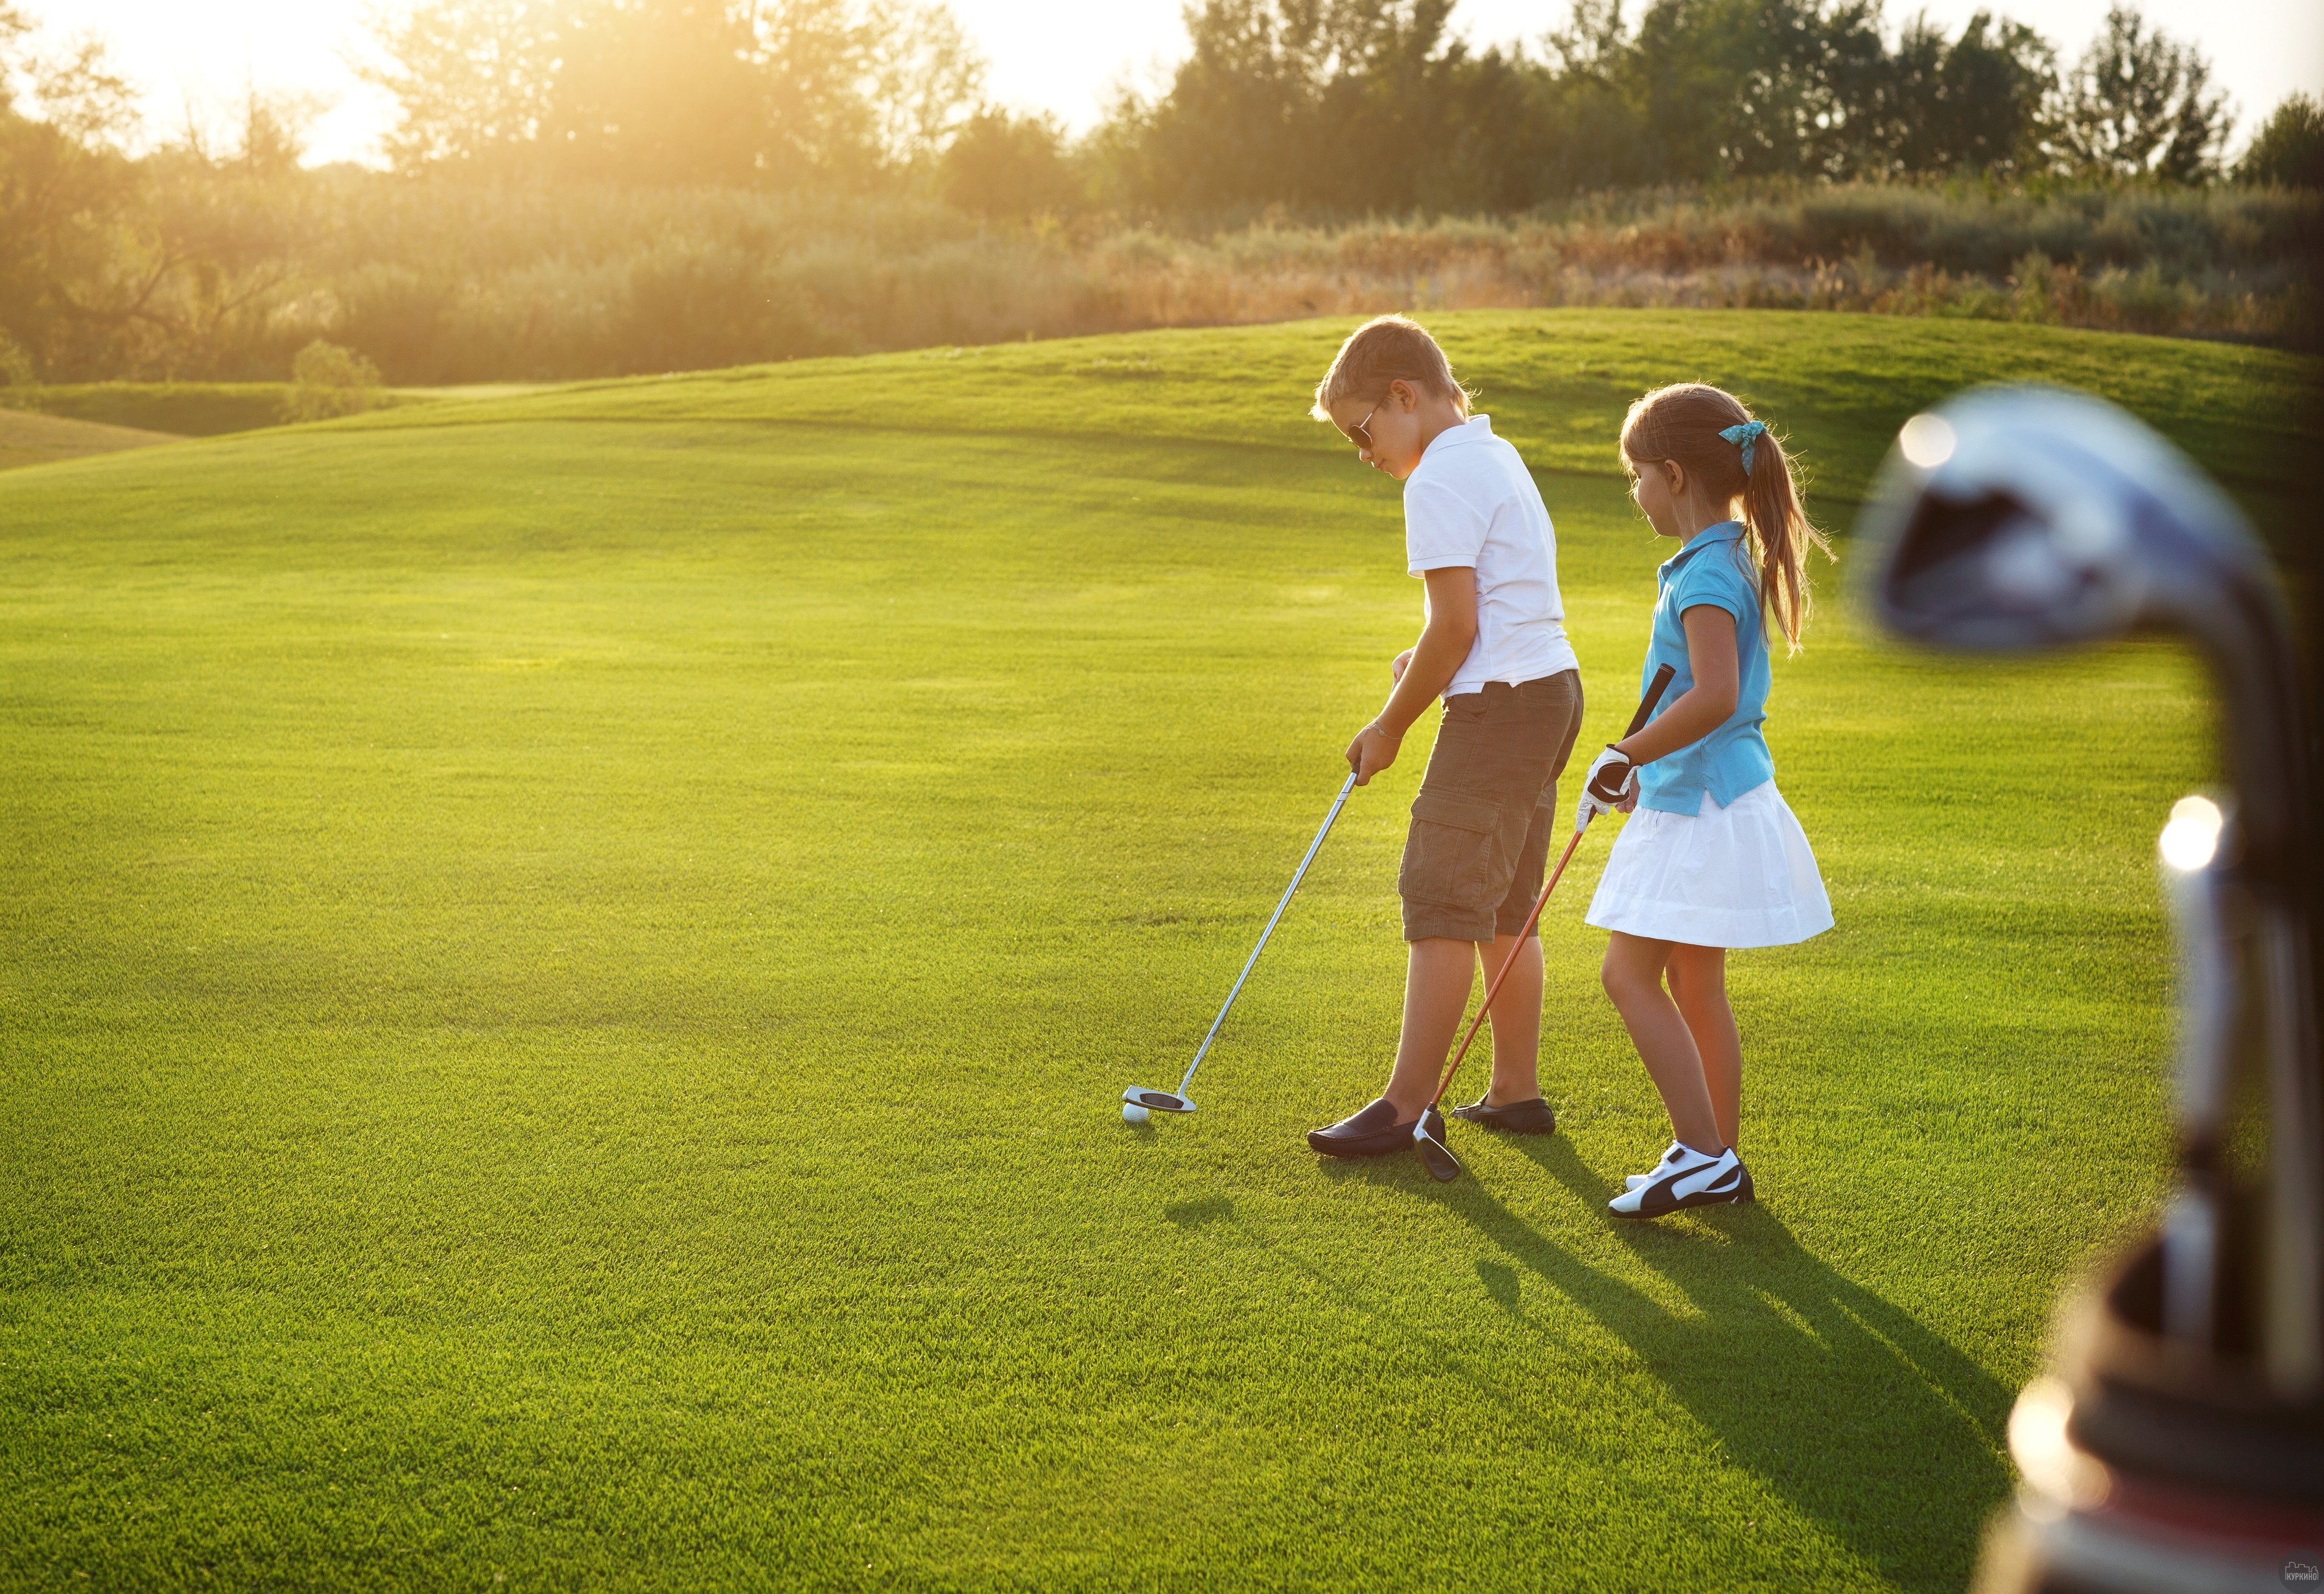 Московская школа гольфа, которая находится в Куркино, объявляет набор детей в возрасте от 8 лет по дисциплинам:гольф и мини-гольф.